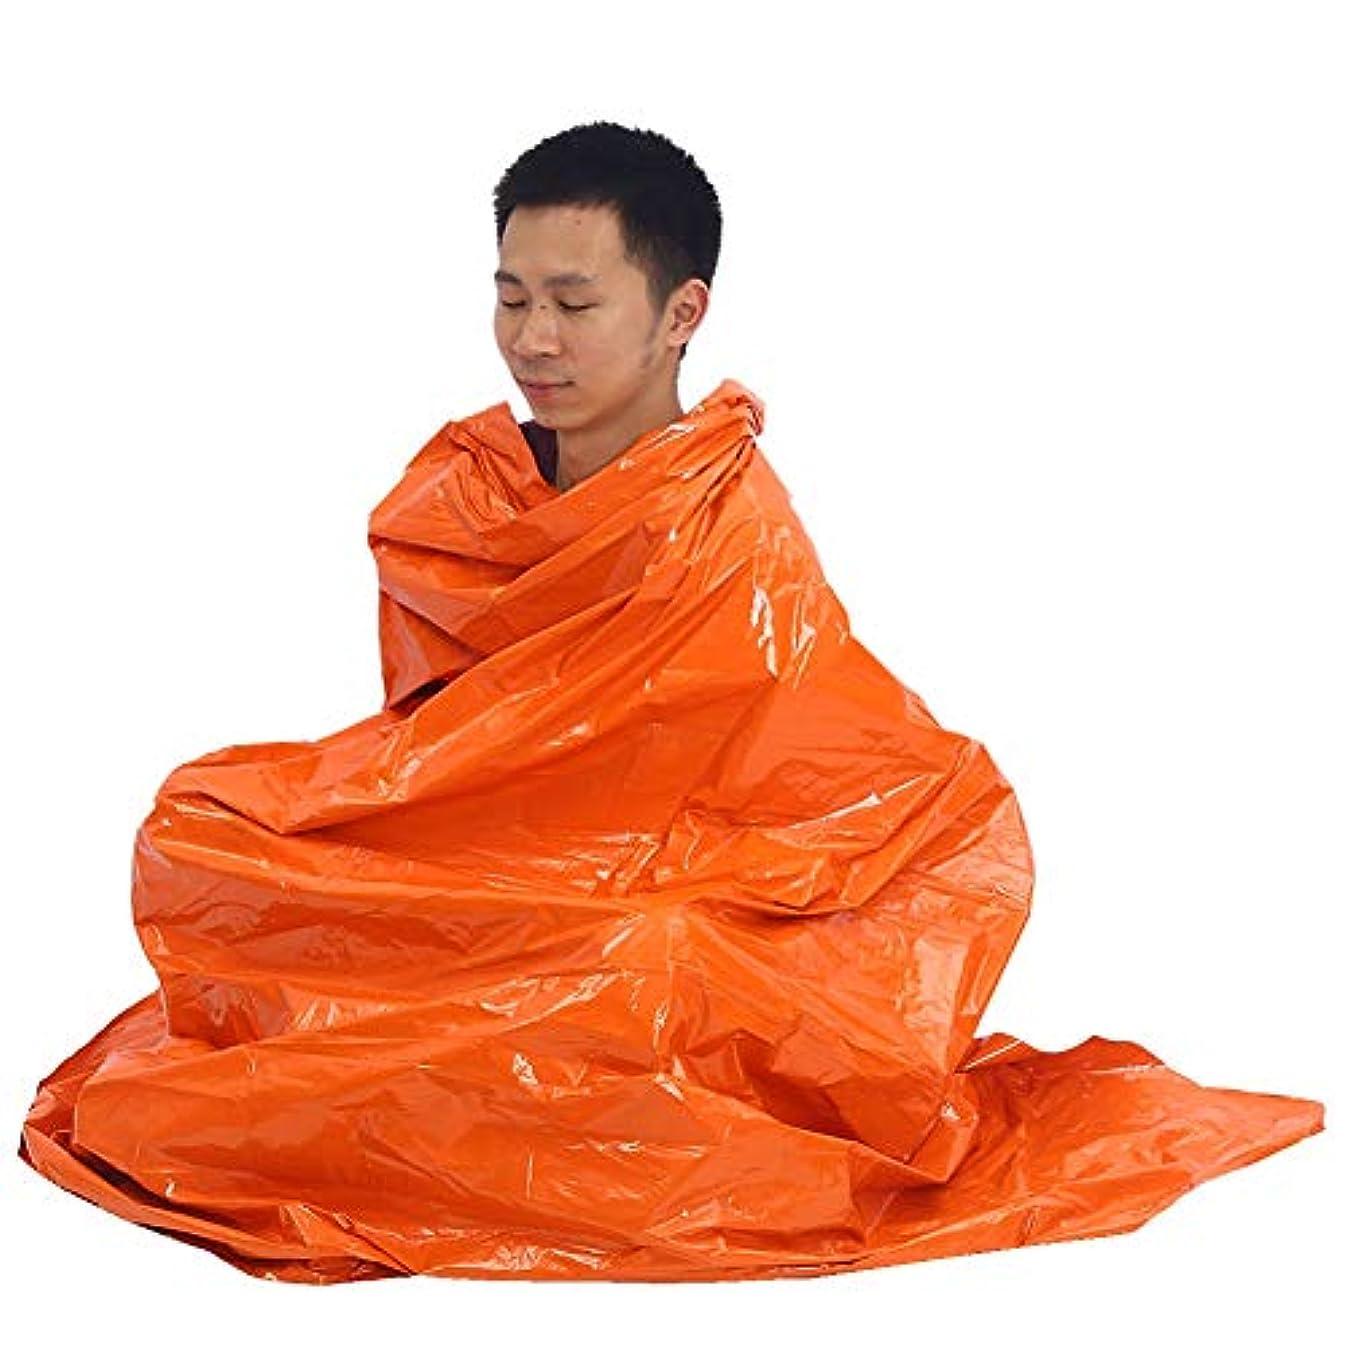 委員長好色な続けるブランケット 毛布 アウトドアレスキューブランケット 緊急毛布 緊急用寝袋/毛布/テント 震災、地震、津波、アウトドア緊急用 オレンジ